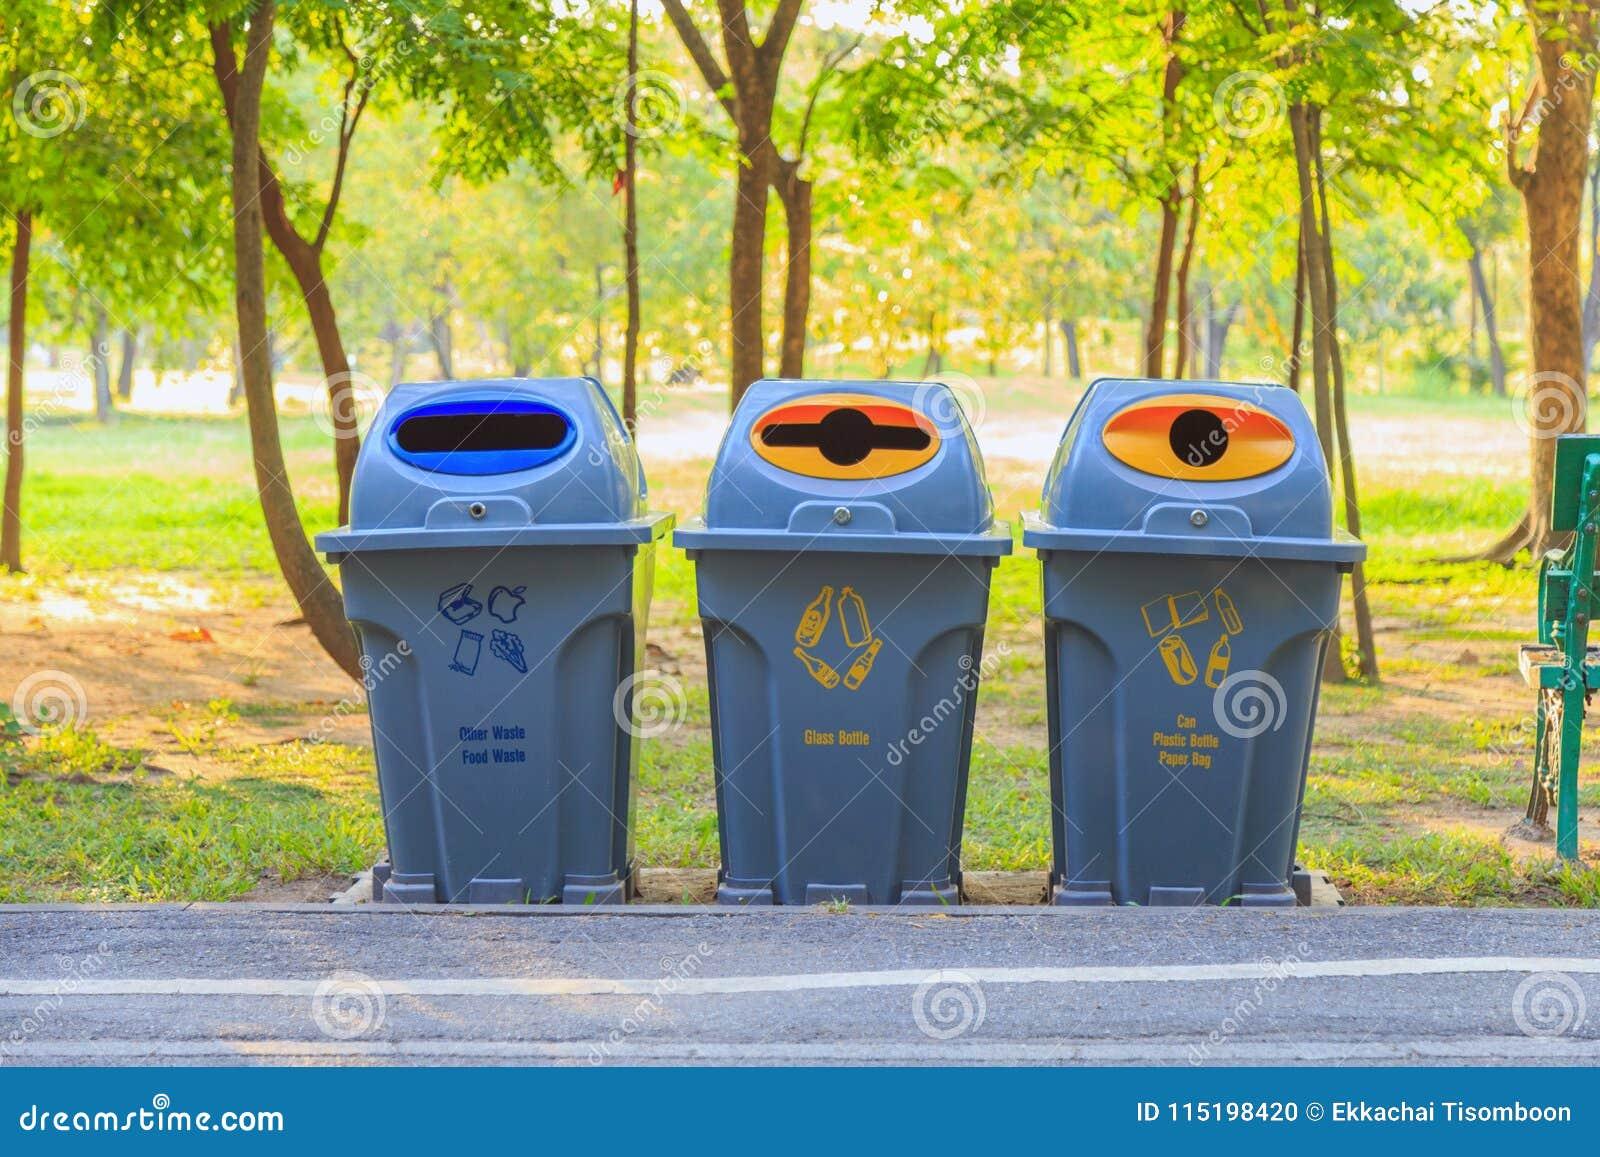 Τρία δοχεία για την ταξινόμηση αποβλήτων κατά μήκος του τρόπου στο πάρκο